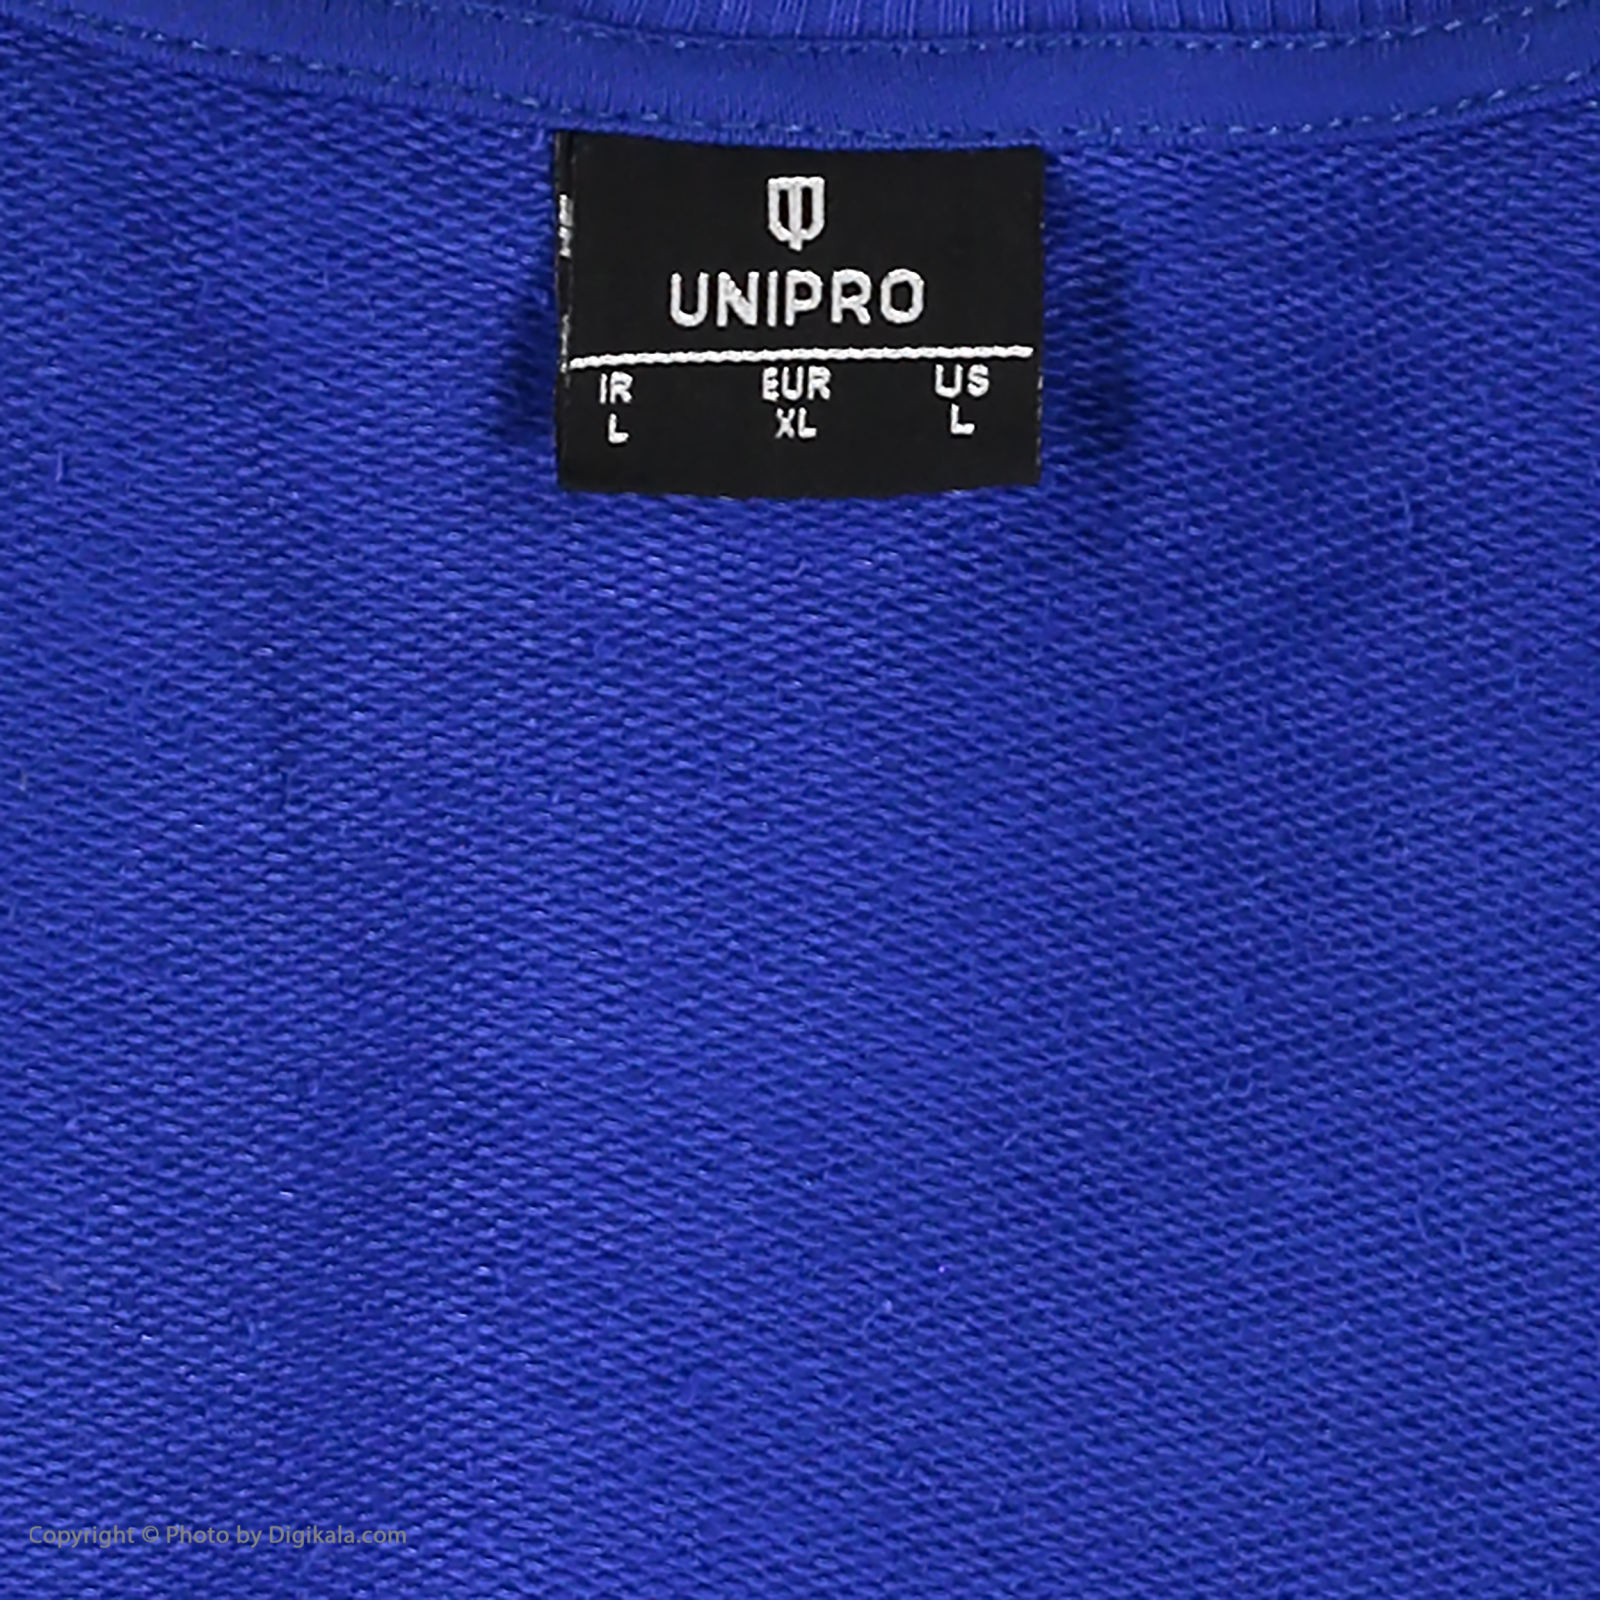 سویشرت ورزشی مردانه یونی پرو مدل 911179303-10 -  - 6